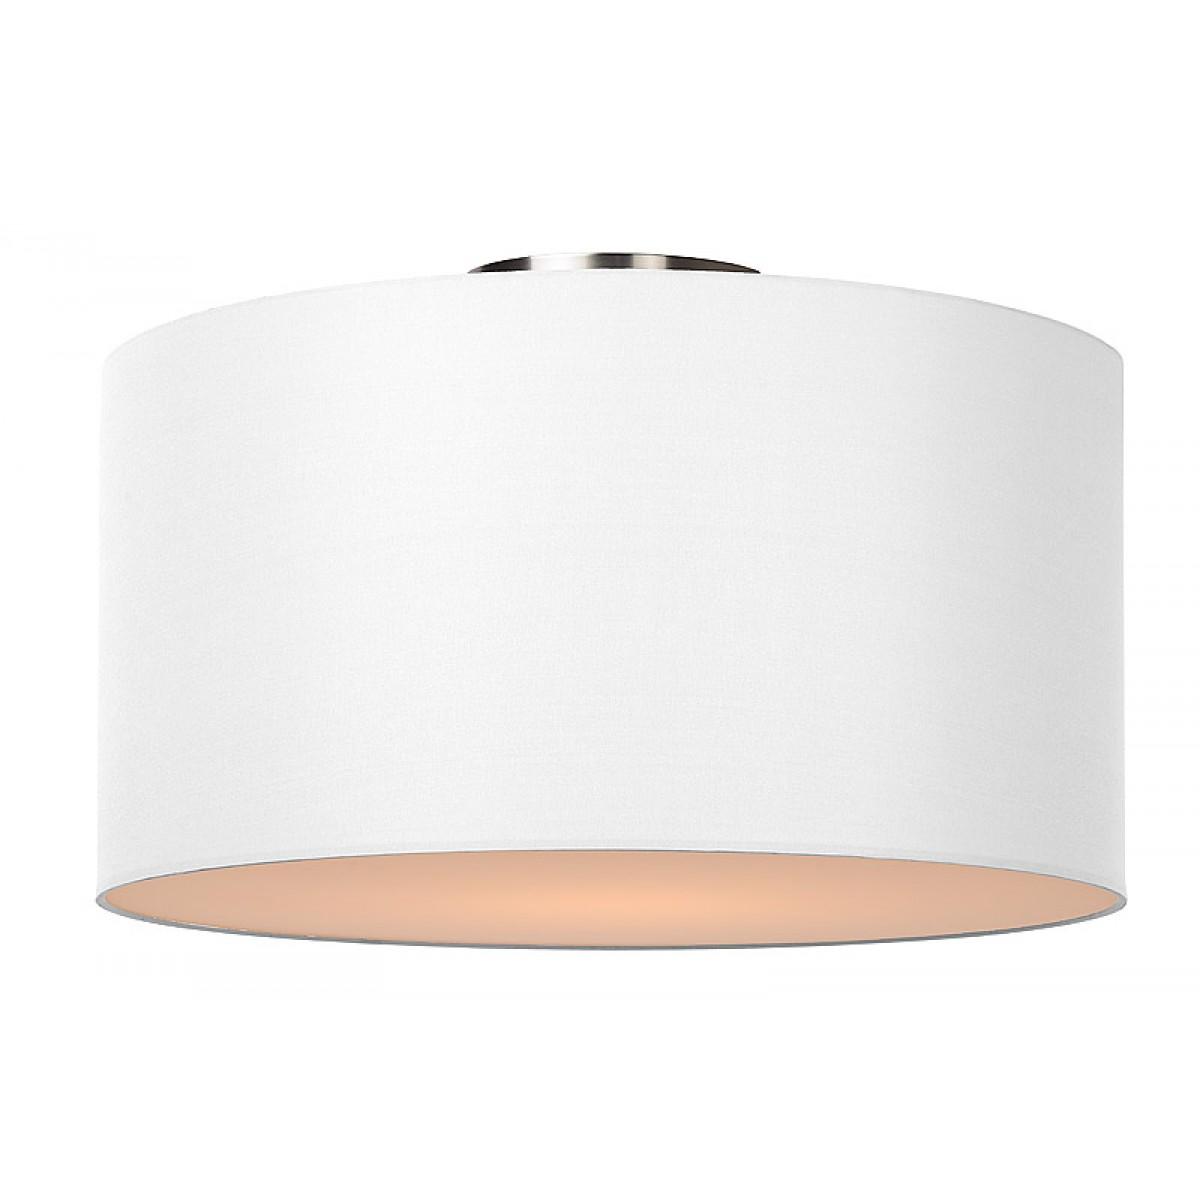 deckenleuchte rund wei deckenlampe wei lampenschirm durchmesser 45 cm deckenleuchten. Black Bedroom Furniture Sets. Home Design Ideas